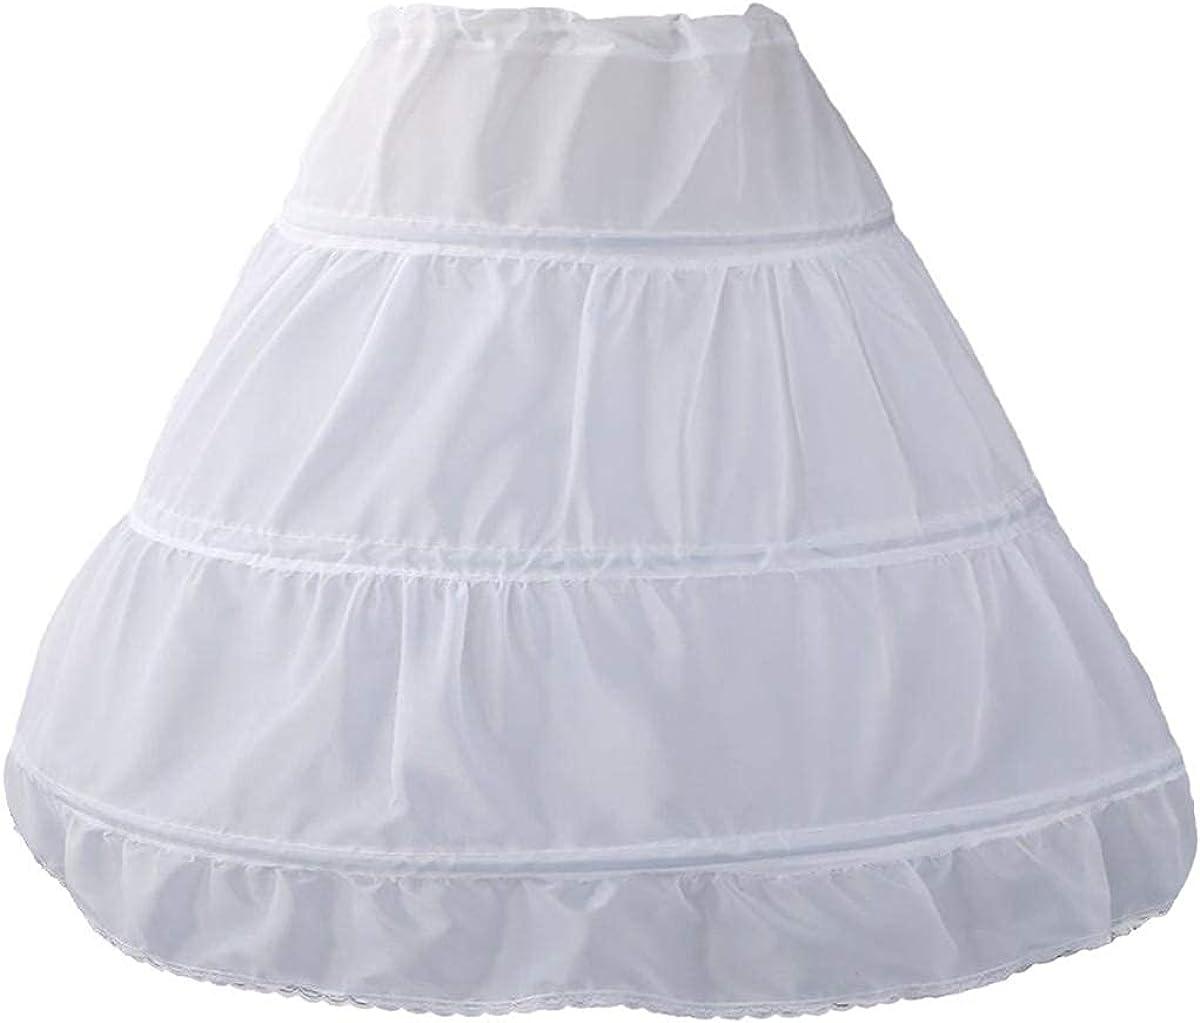 QYC Girl's Petticoat 3 Hoops Full Length Crinoline Petticoat Skirt,White, 2 Size